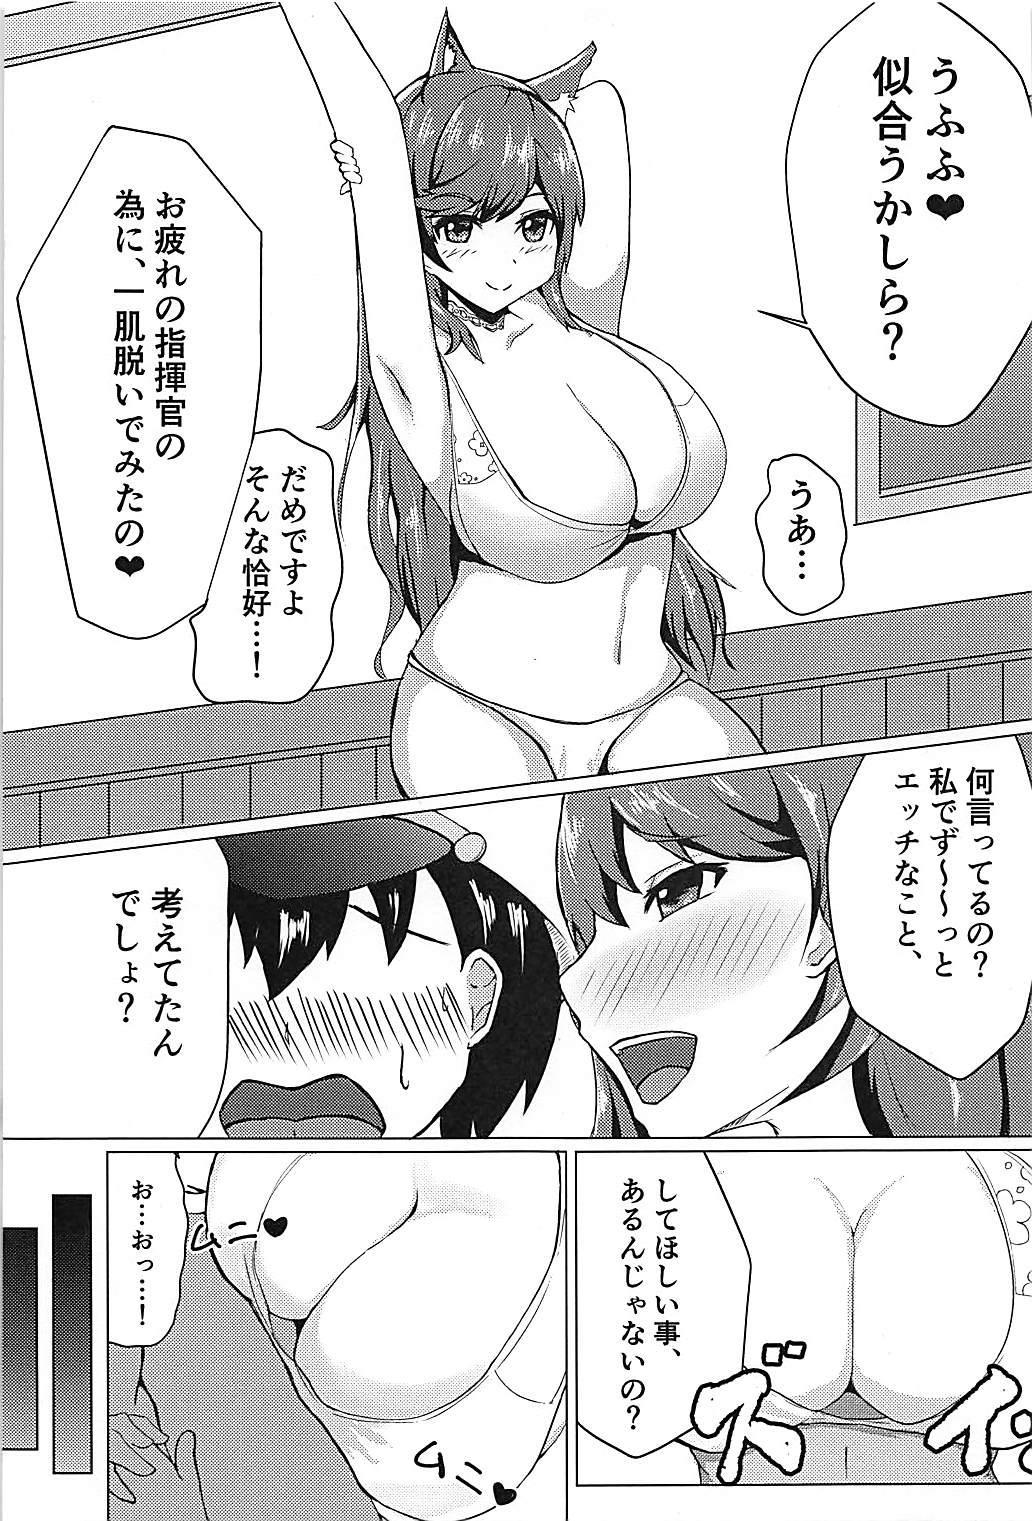 Watashi no Mune ni Tobikon de 3